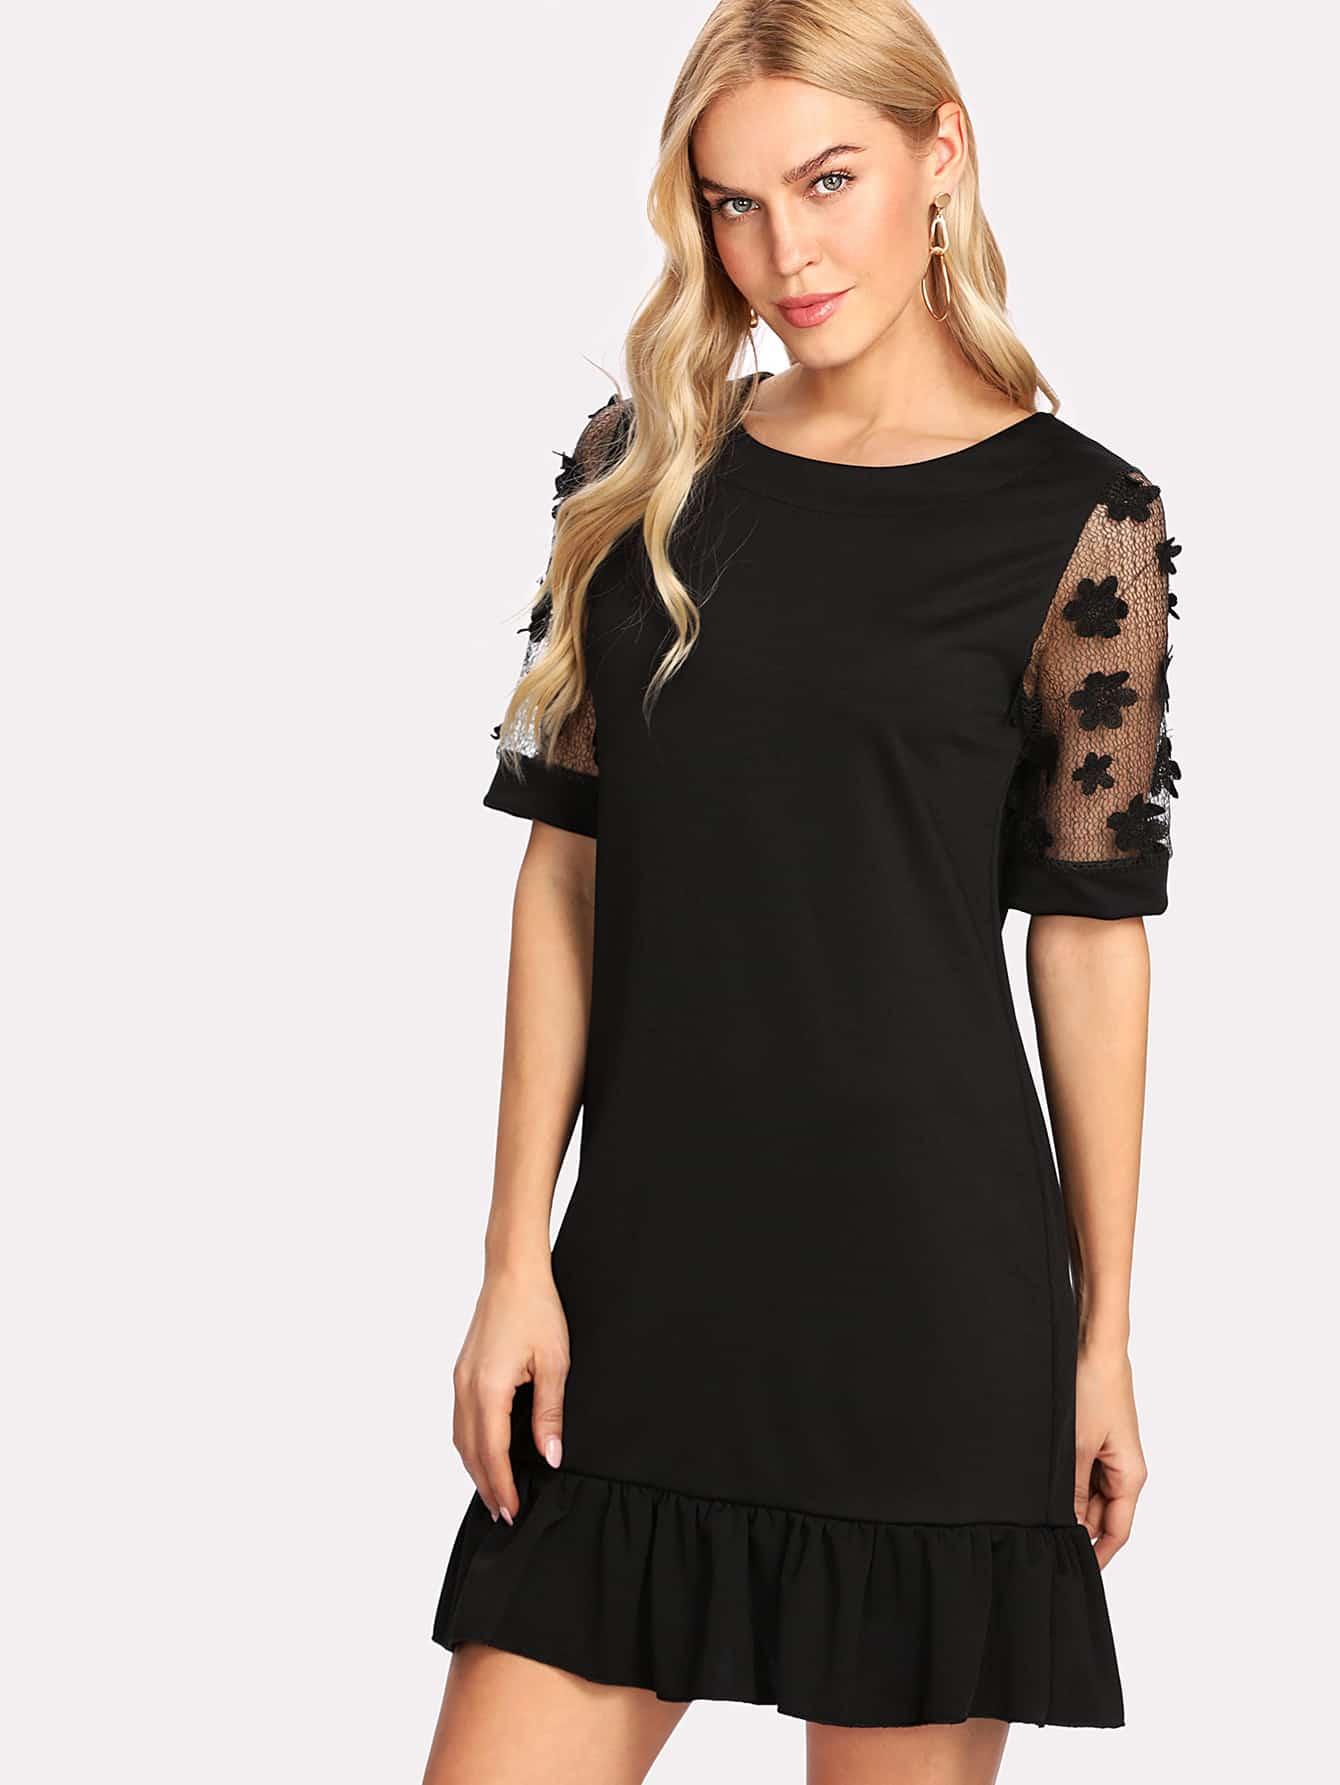 Купить Модное платье с сетчатой вставкой, Natalib, SheIn